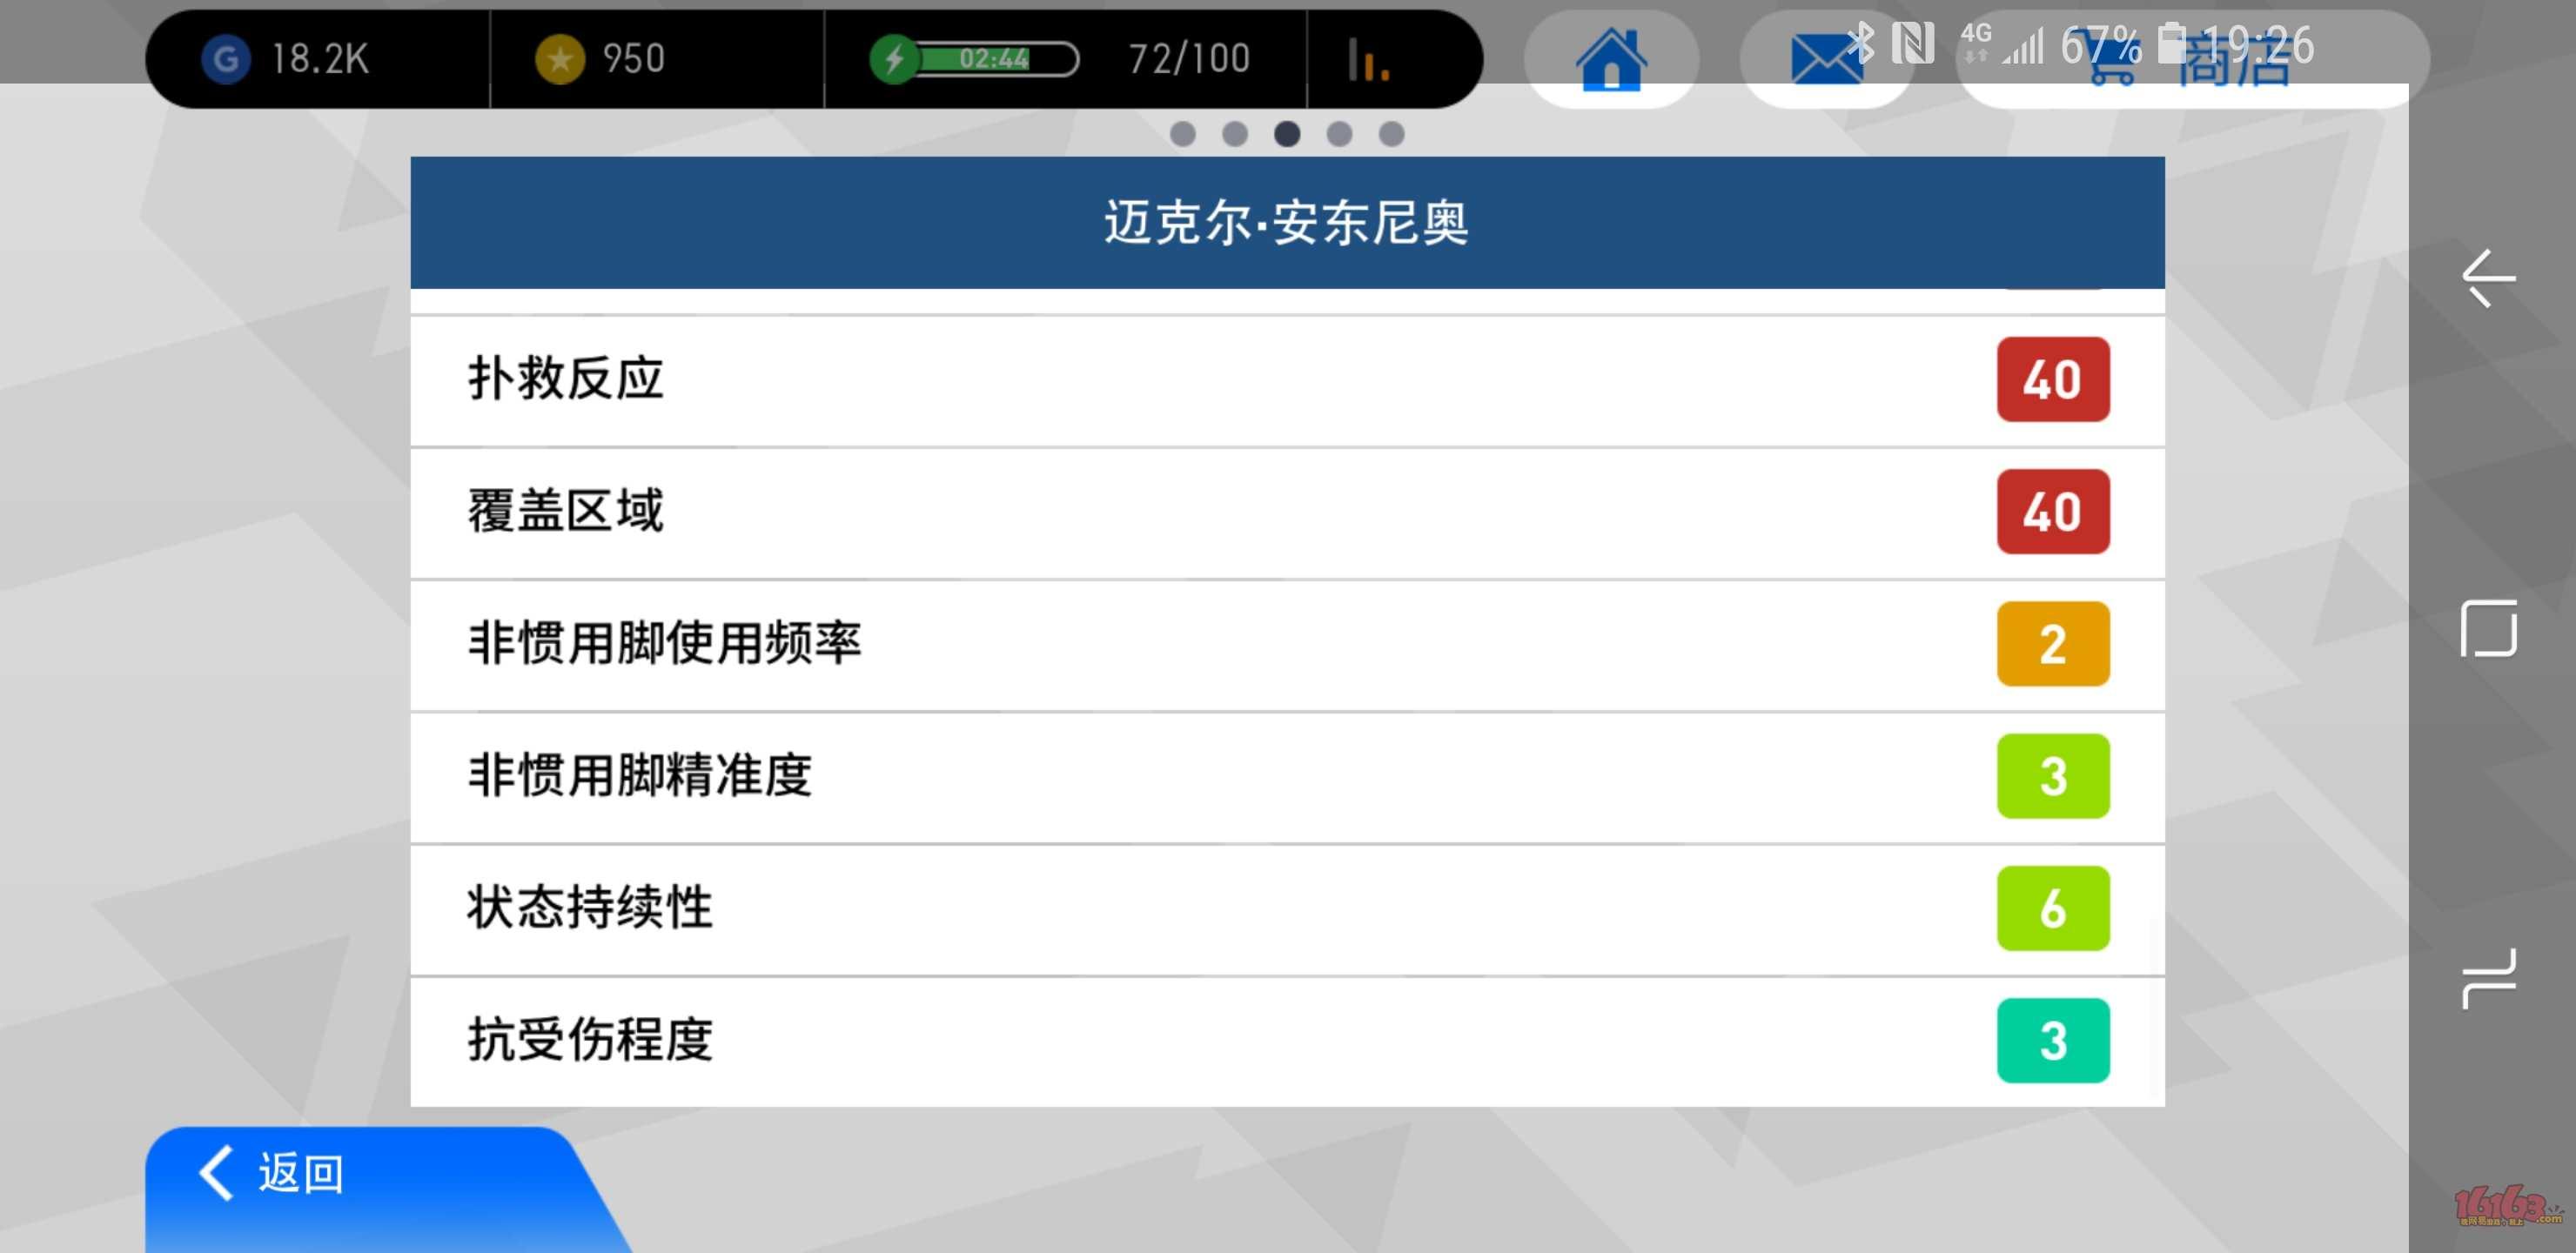 Screenshot_20180804-192624_瀹炲喌瓒崇悆.jpg